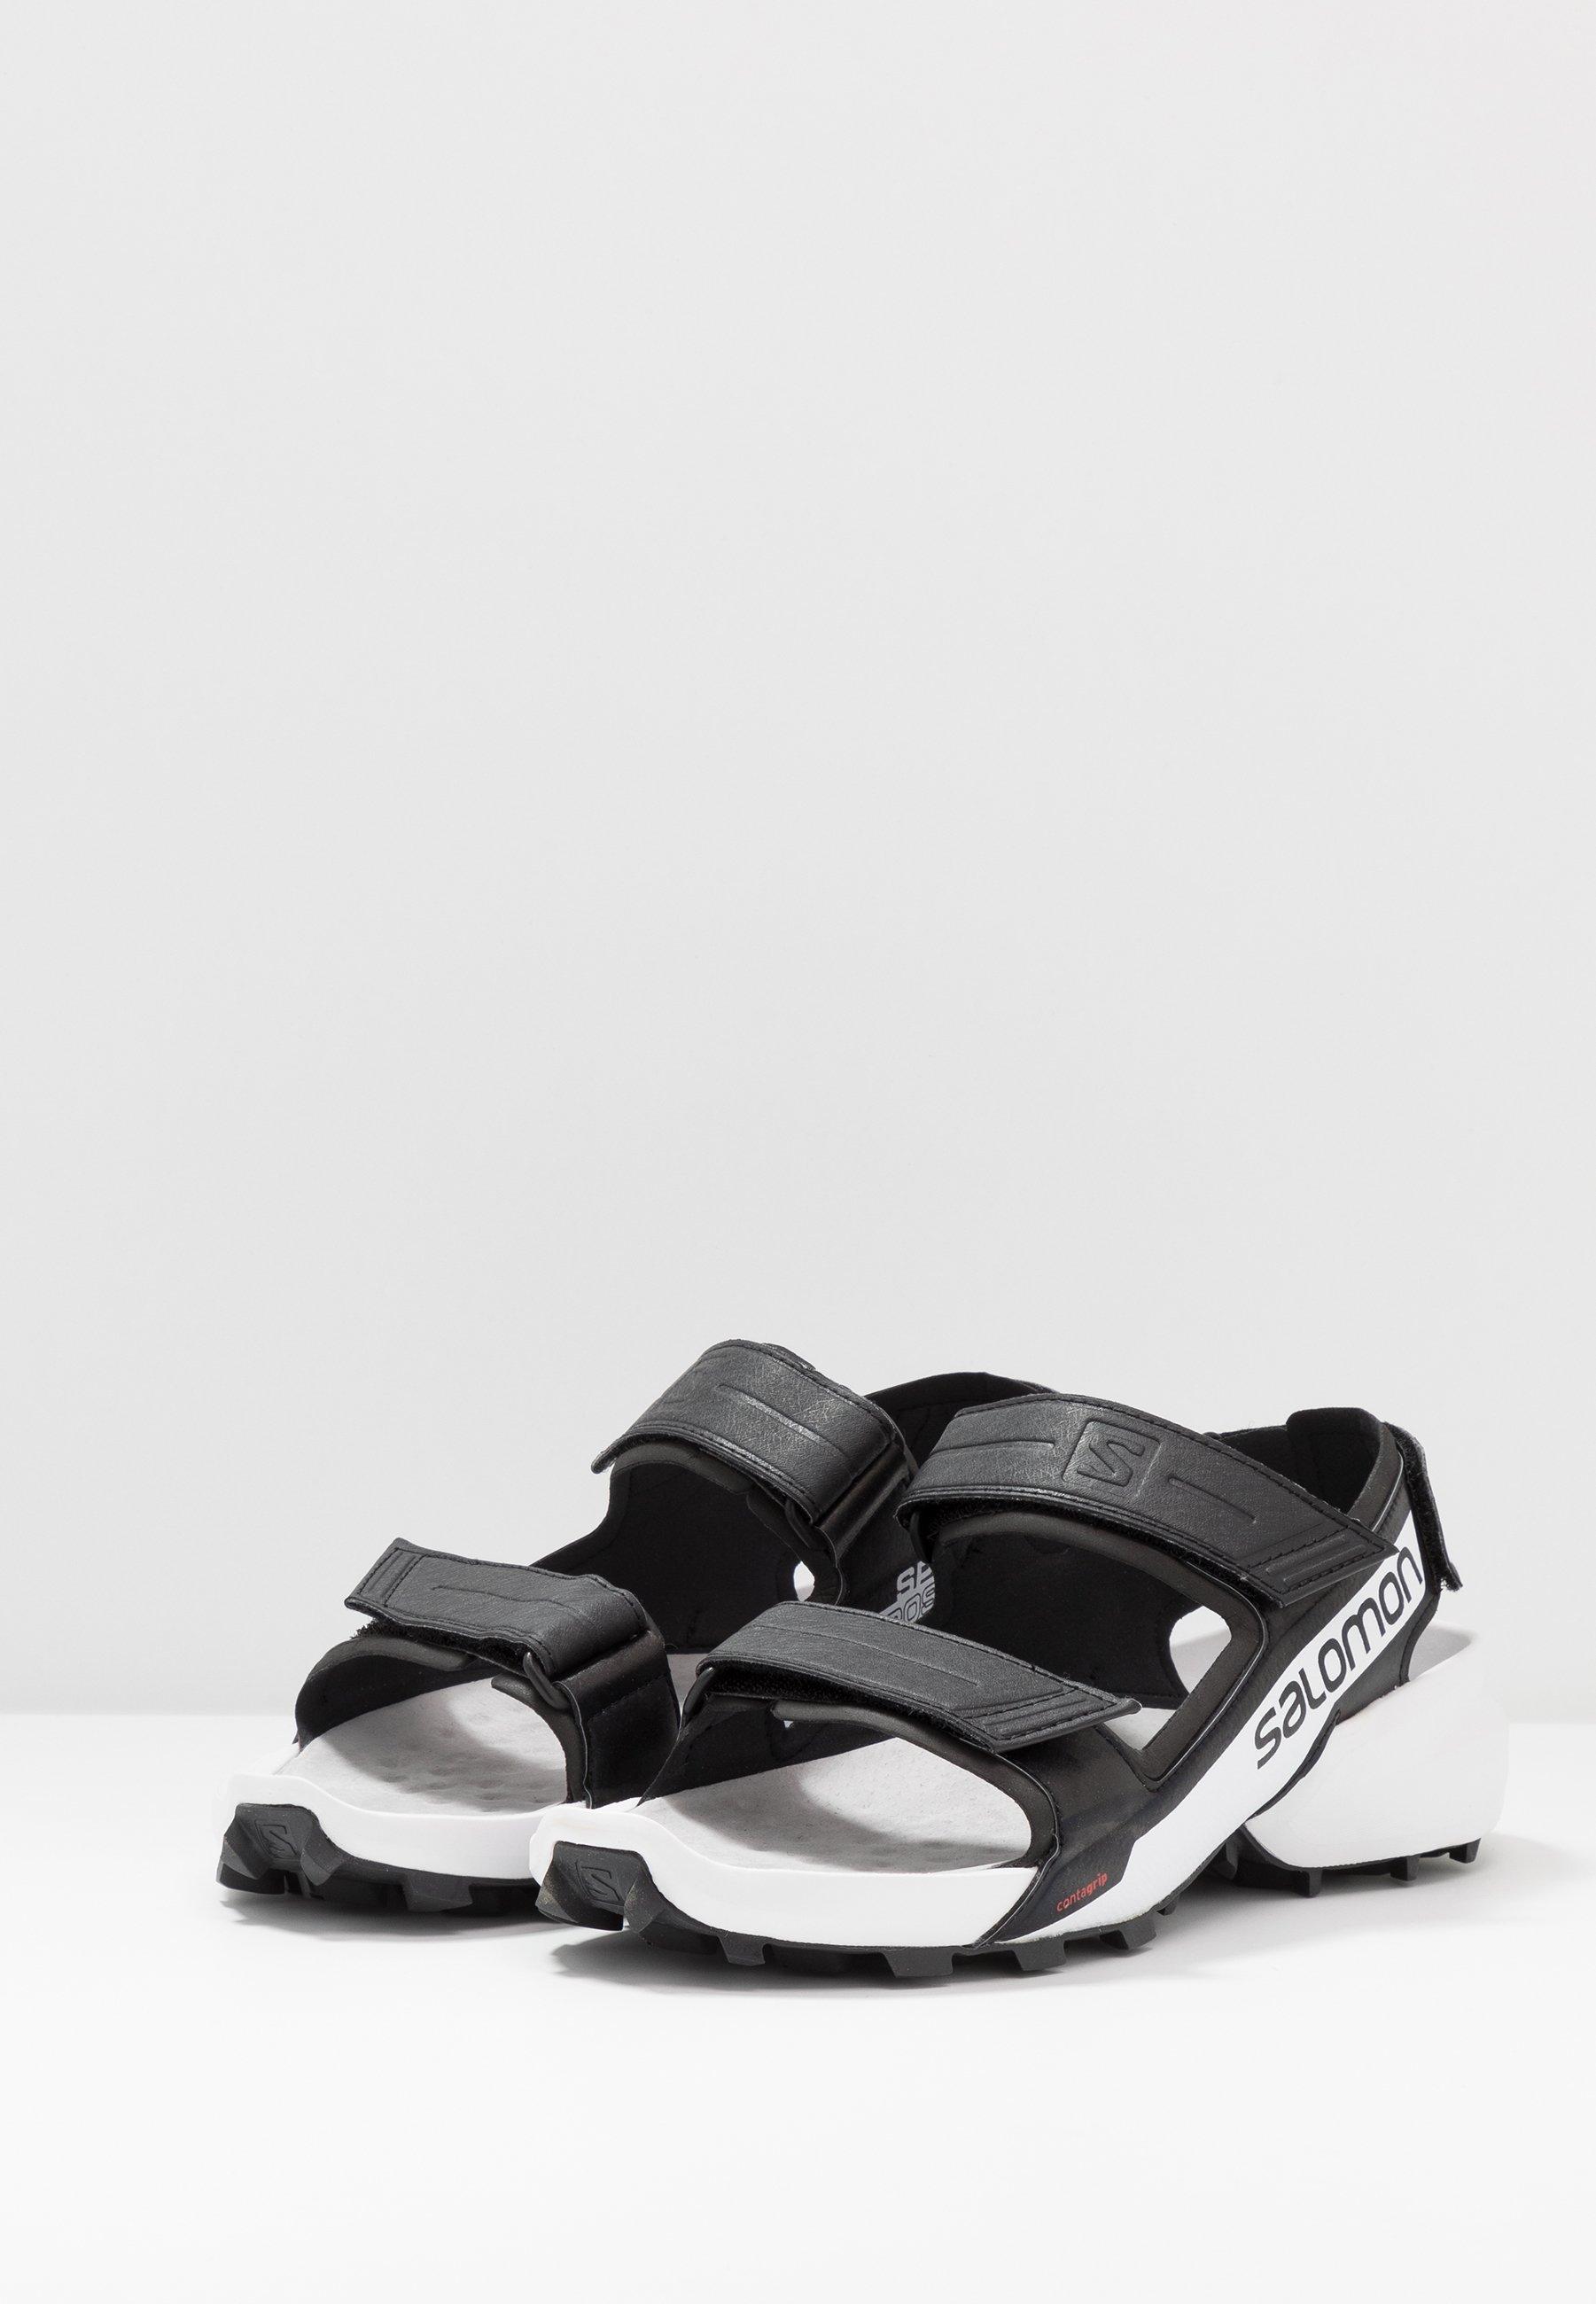 Salomon Speedcross - Vandringssandaler Black/white m7NewZM